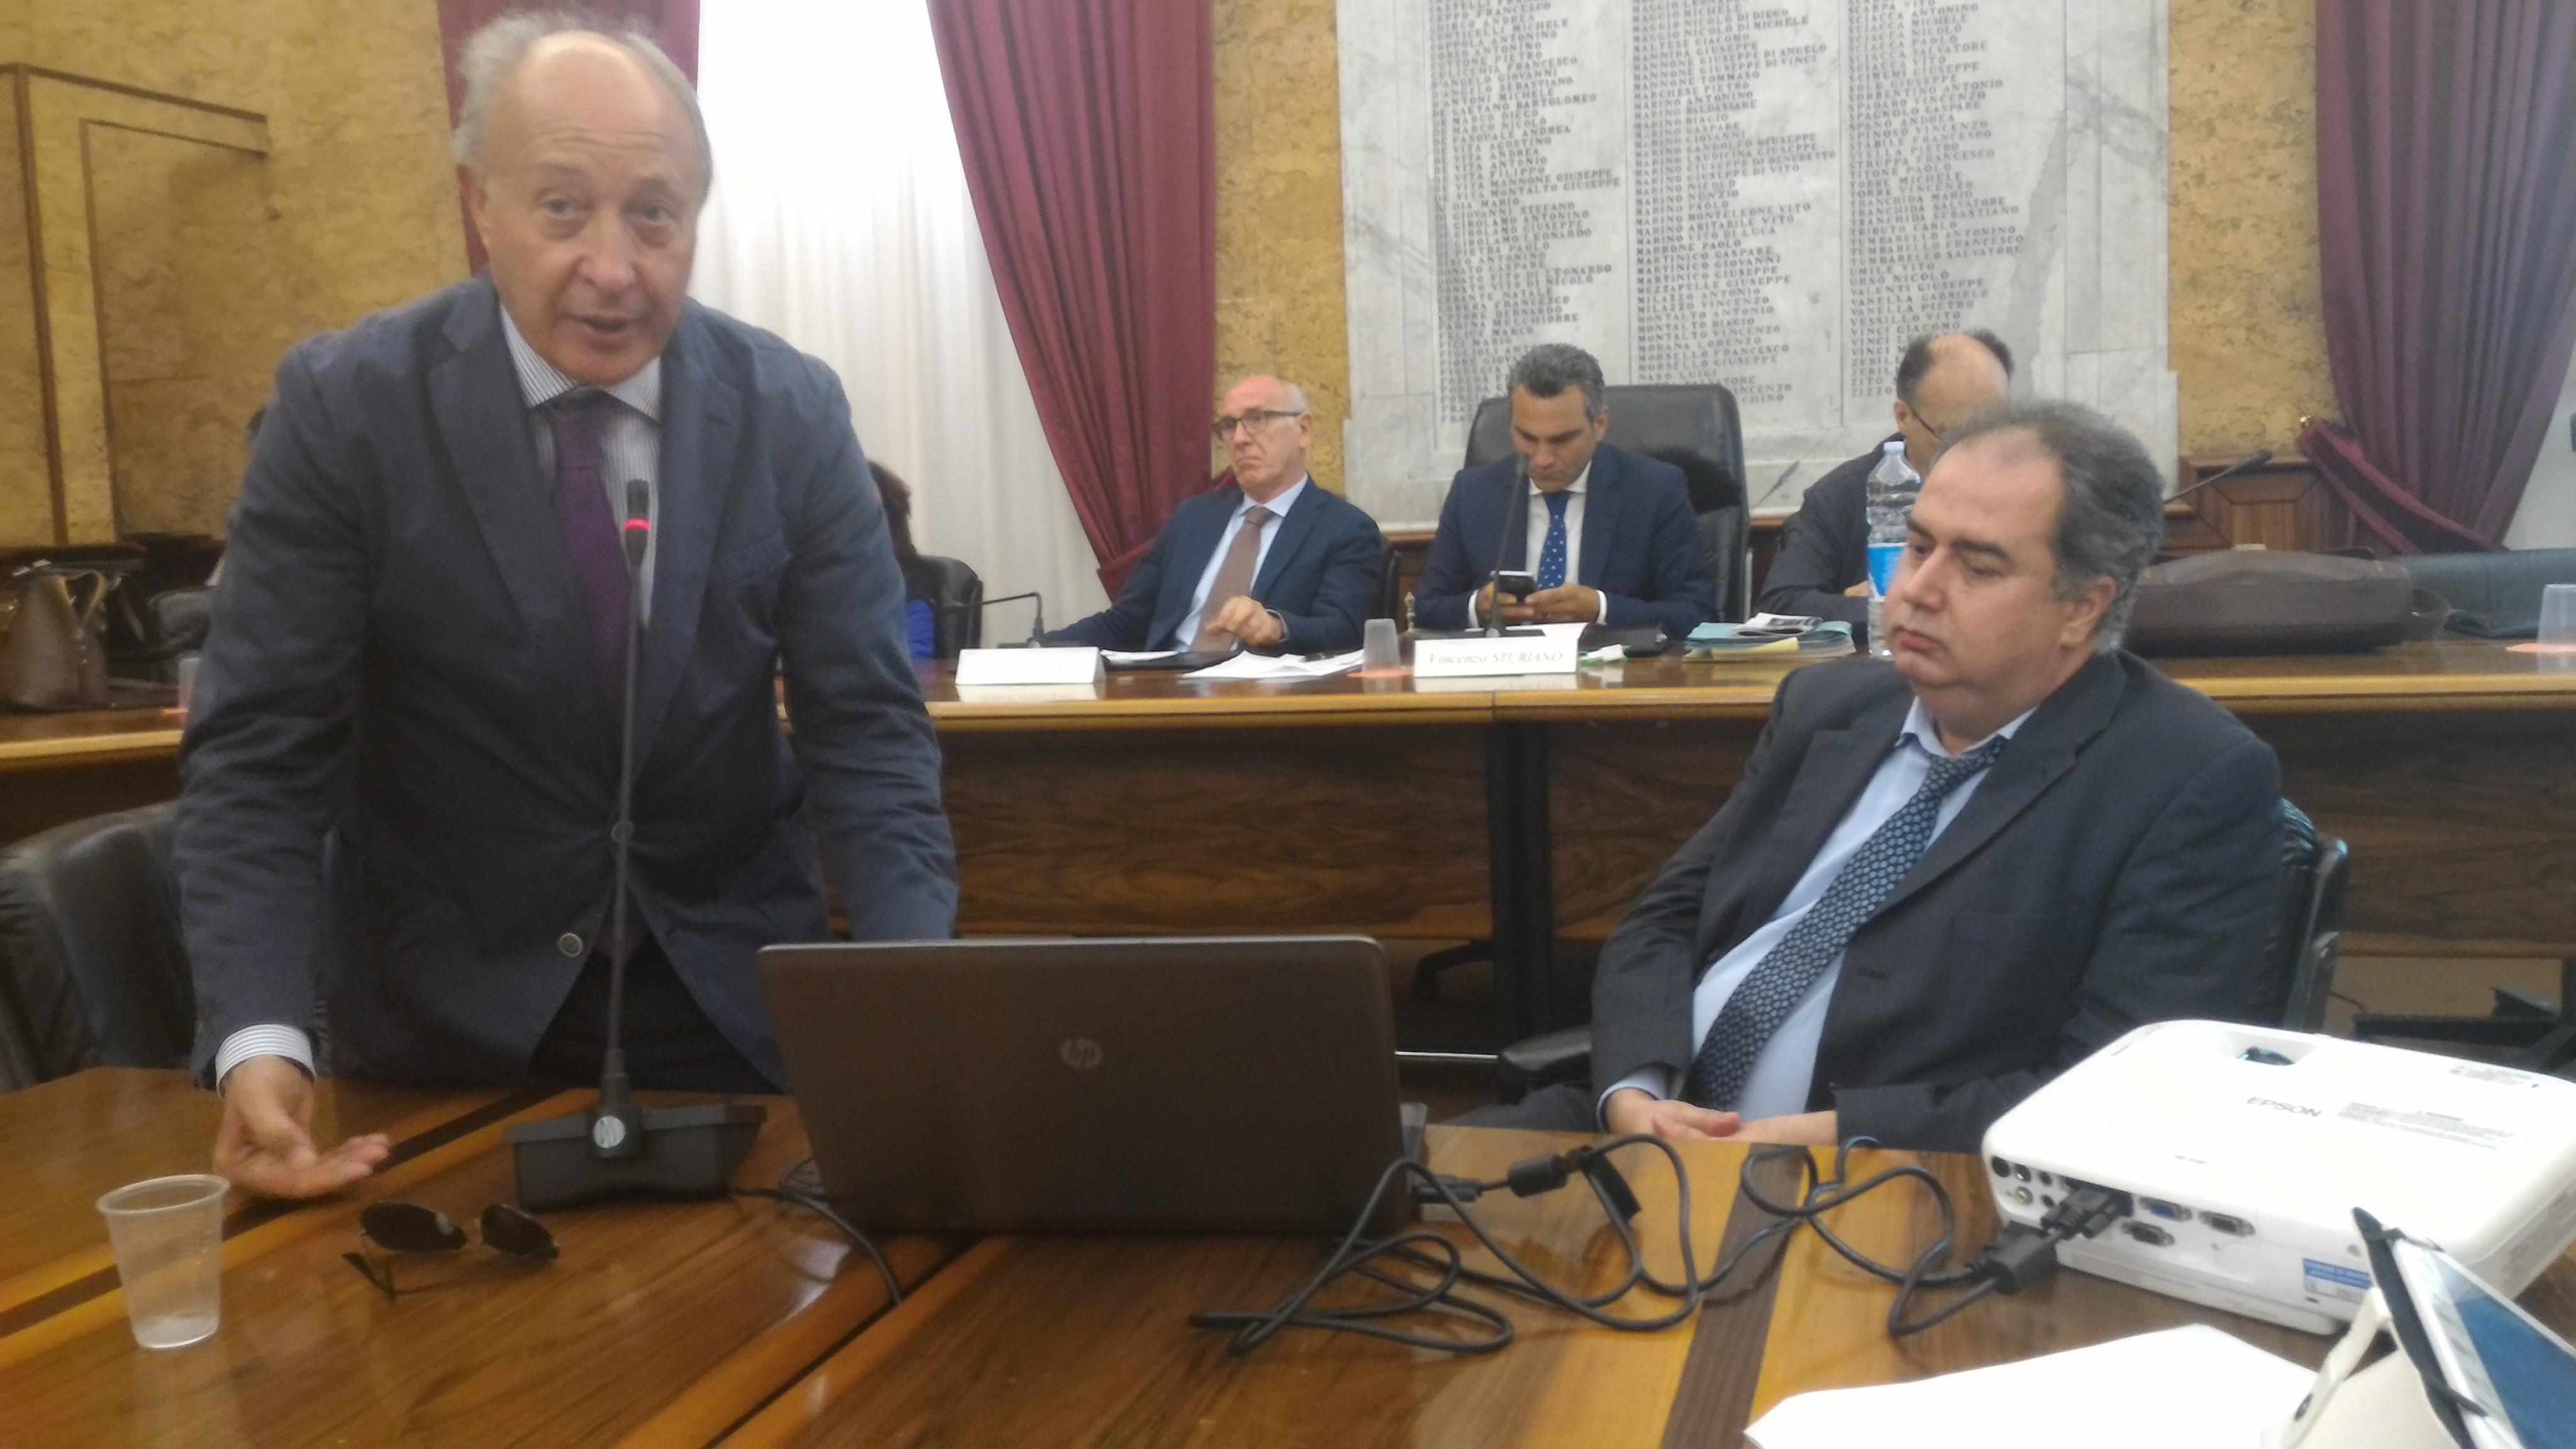 Il Consiglio comunale aperto ha discusso di rifiuti